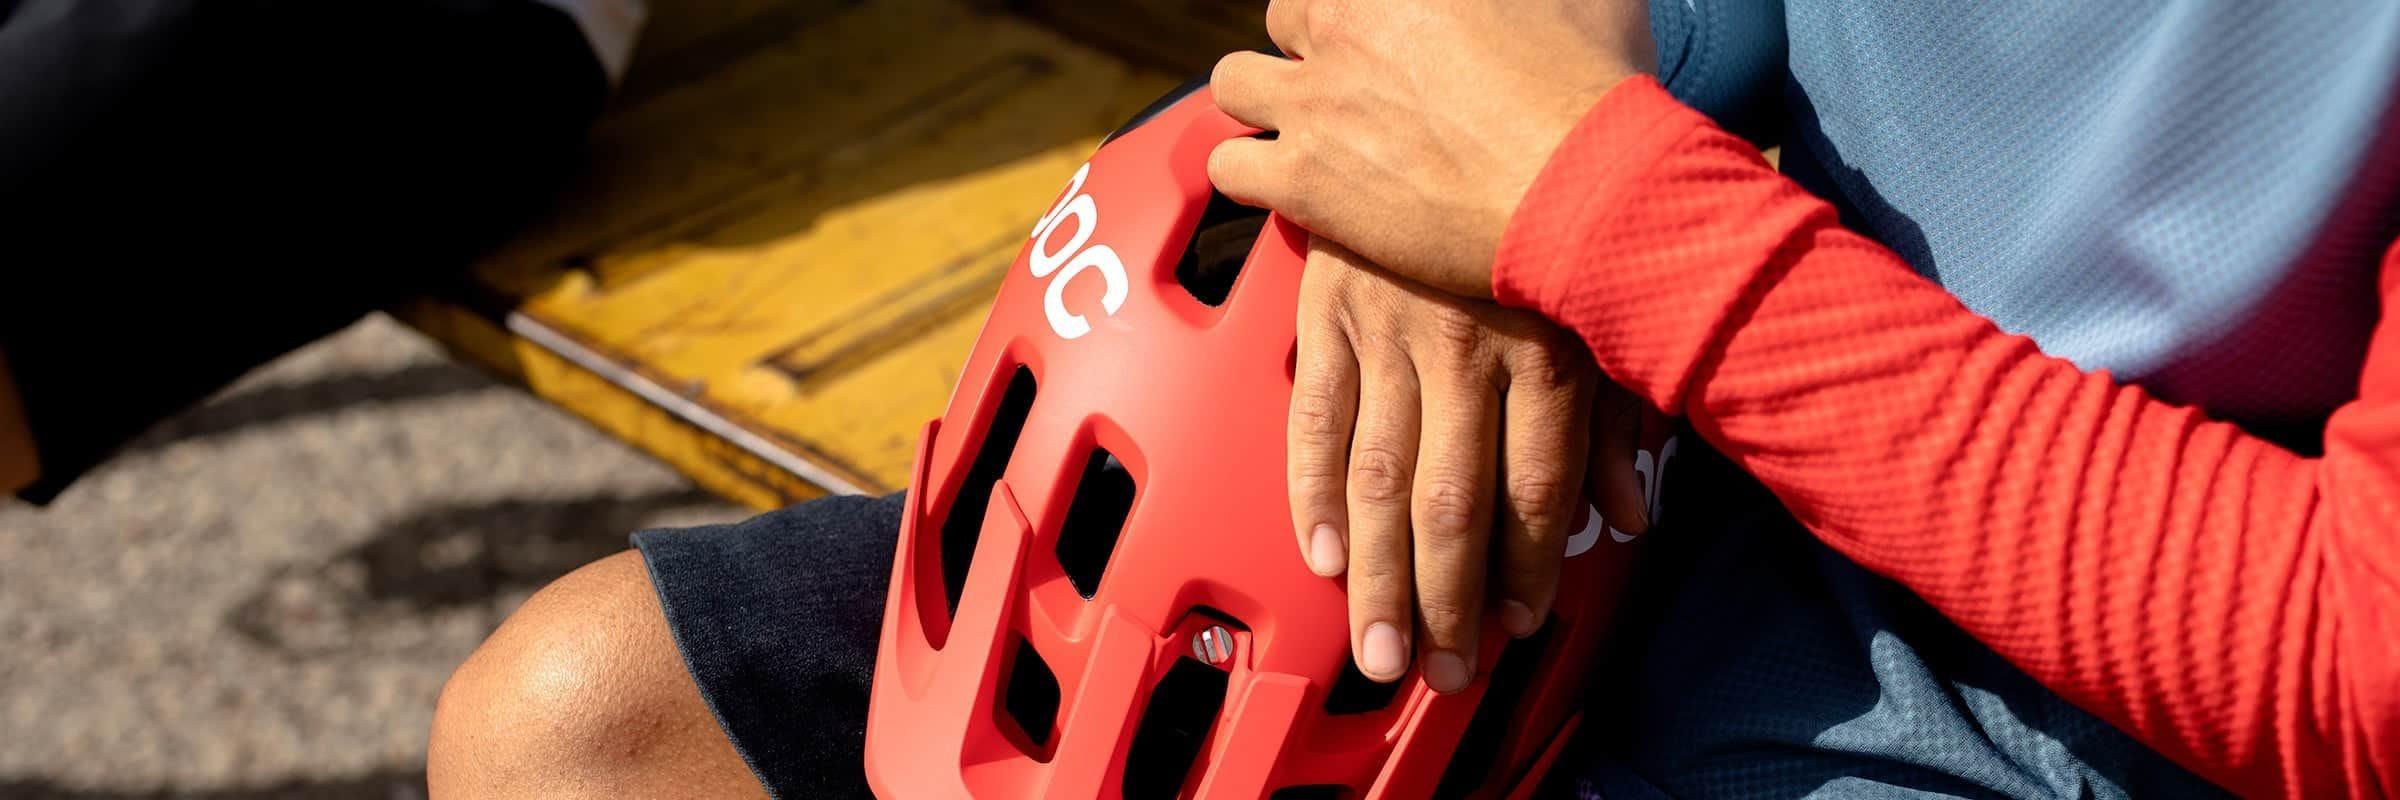 Les meilleurs casques de vélo de montagne de 2021